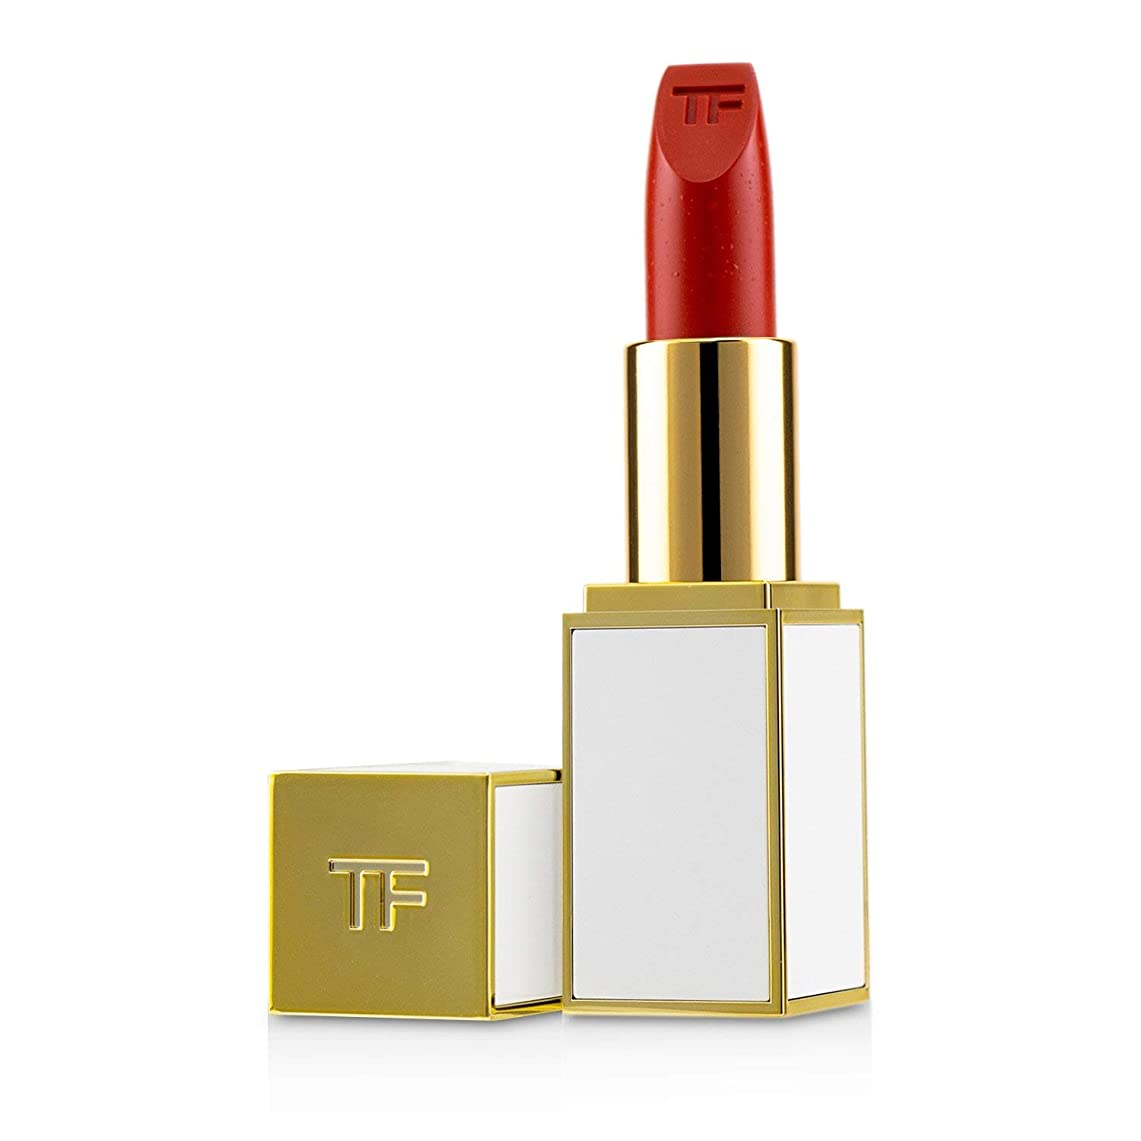 利用可能チューリップ繊維トム フォード Lip Color Sheer - # 06 Solar Affair 3g/0.1oz並行輸入品